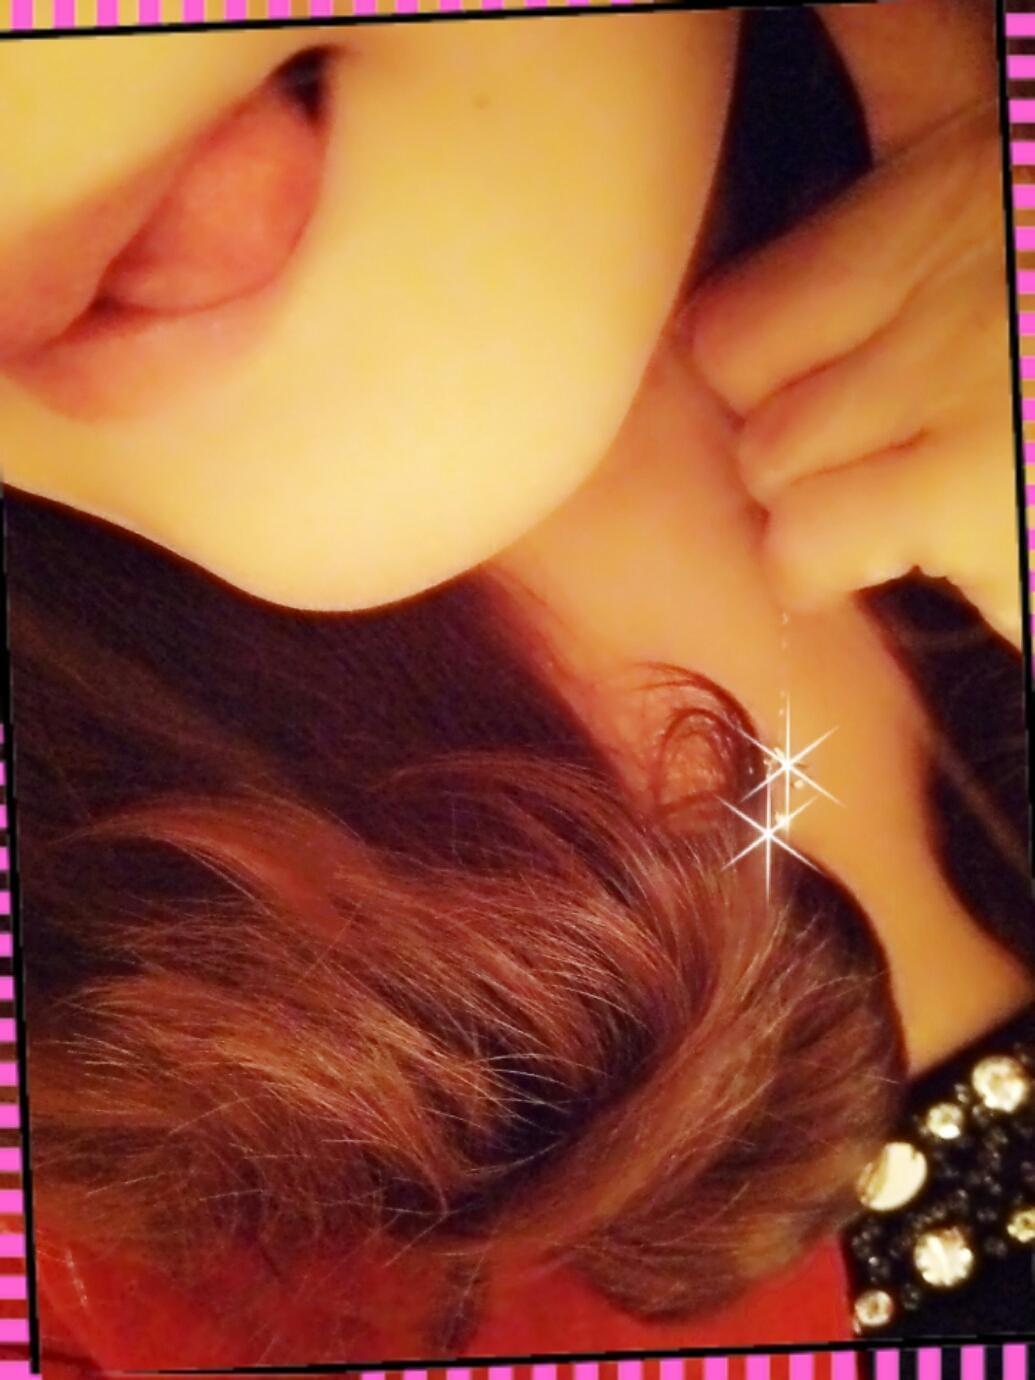 「こんにちは(≧▽≦)」09/13(木) 14:56 | 春花の写メ・風俗動画